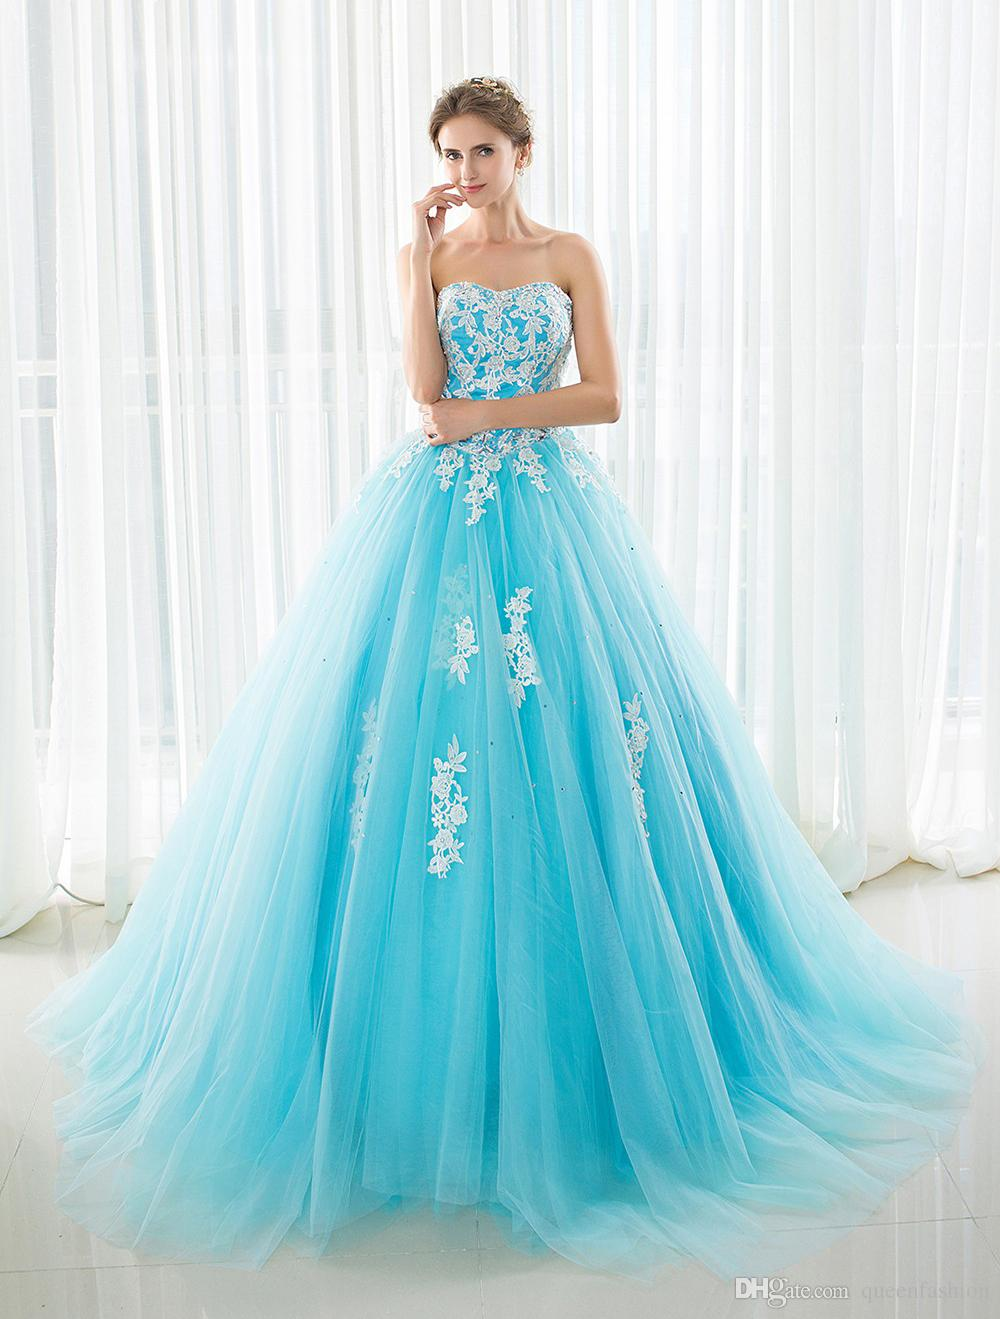 8929b5de8 Compre Vestido De Fiesta 2019 Vestidos De Baile Vestidos Largos De Tul  Hinchados Quinceañera Vestidos 15 Años White Appliques De Encaje Dulce 16  Vestidos ...